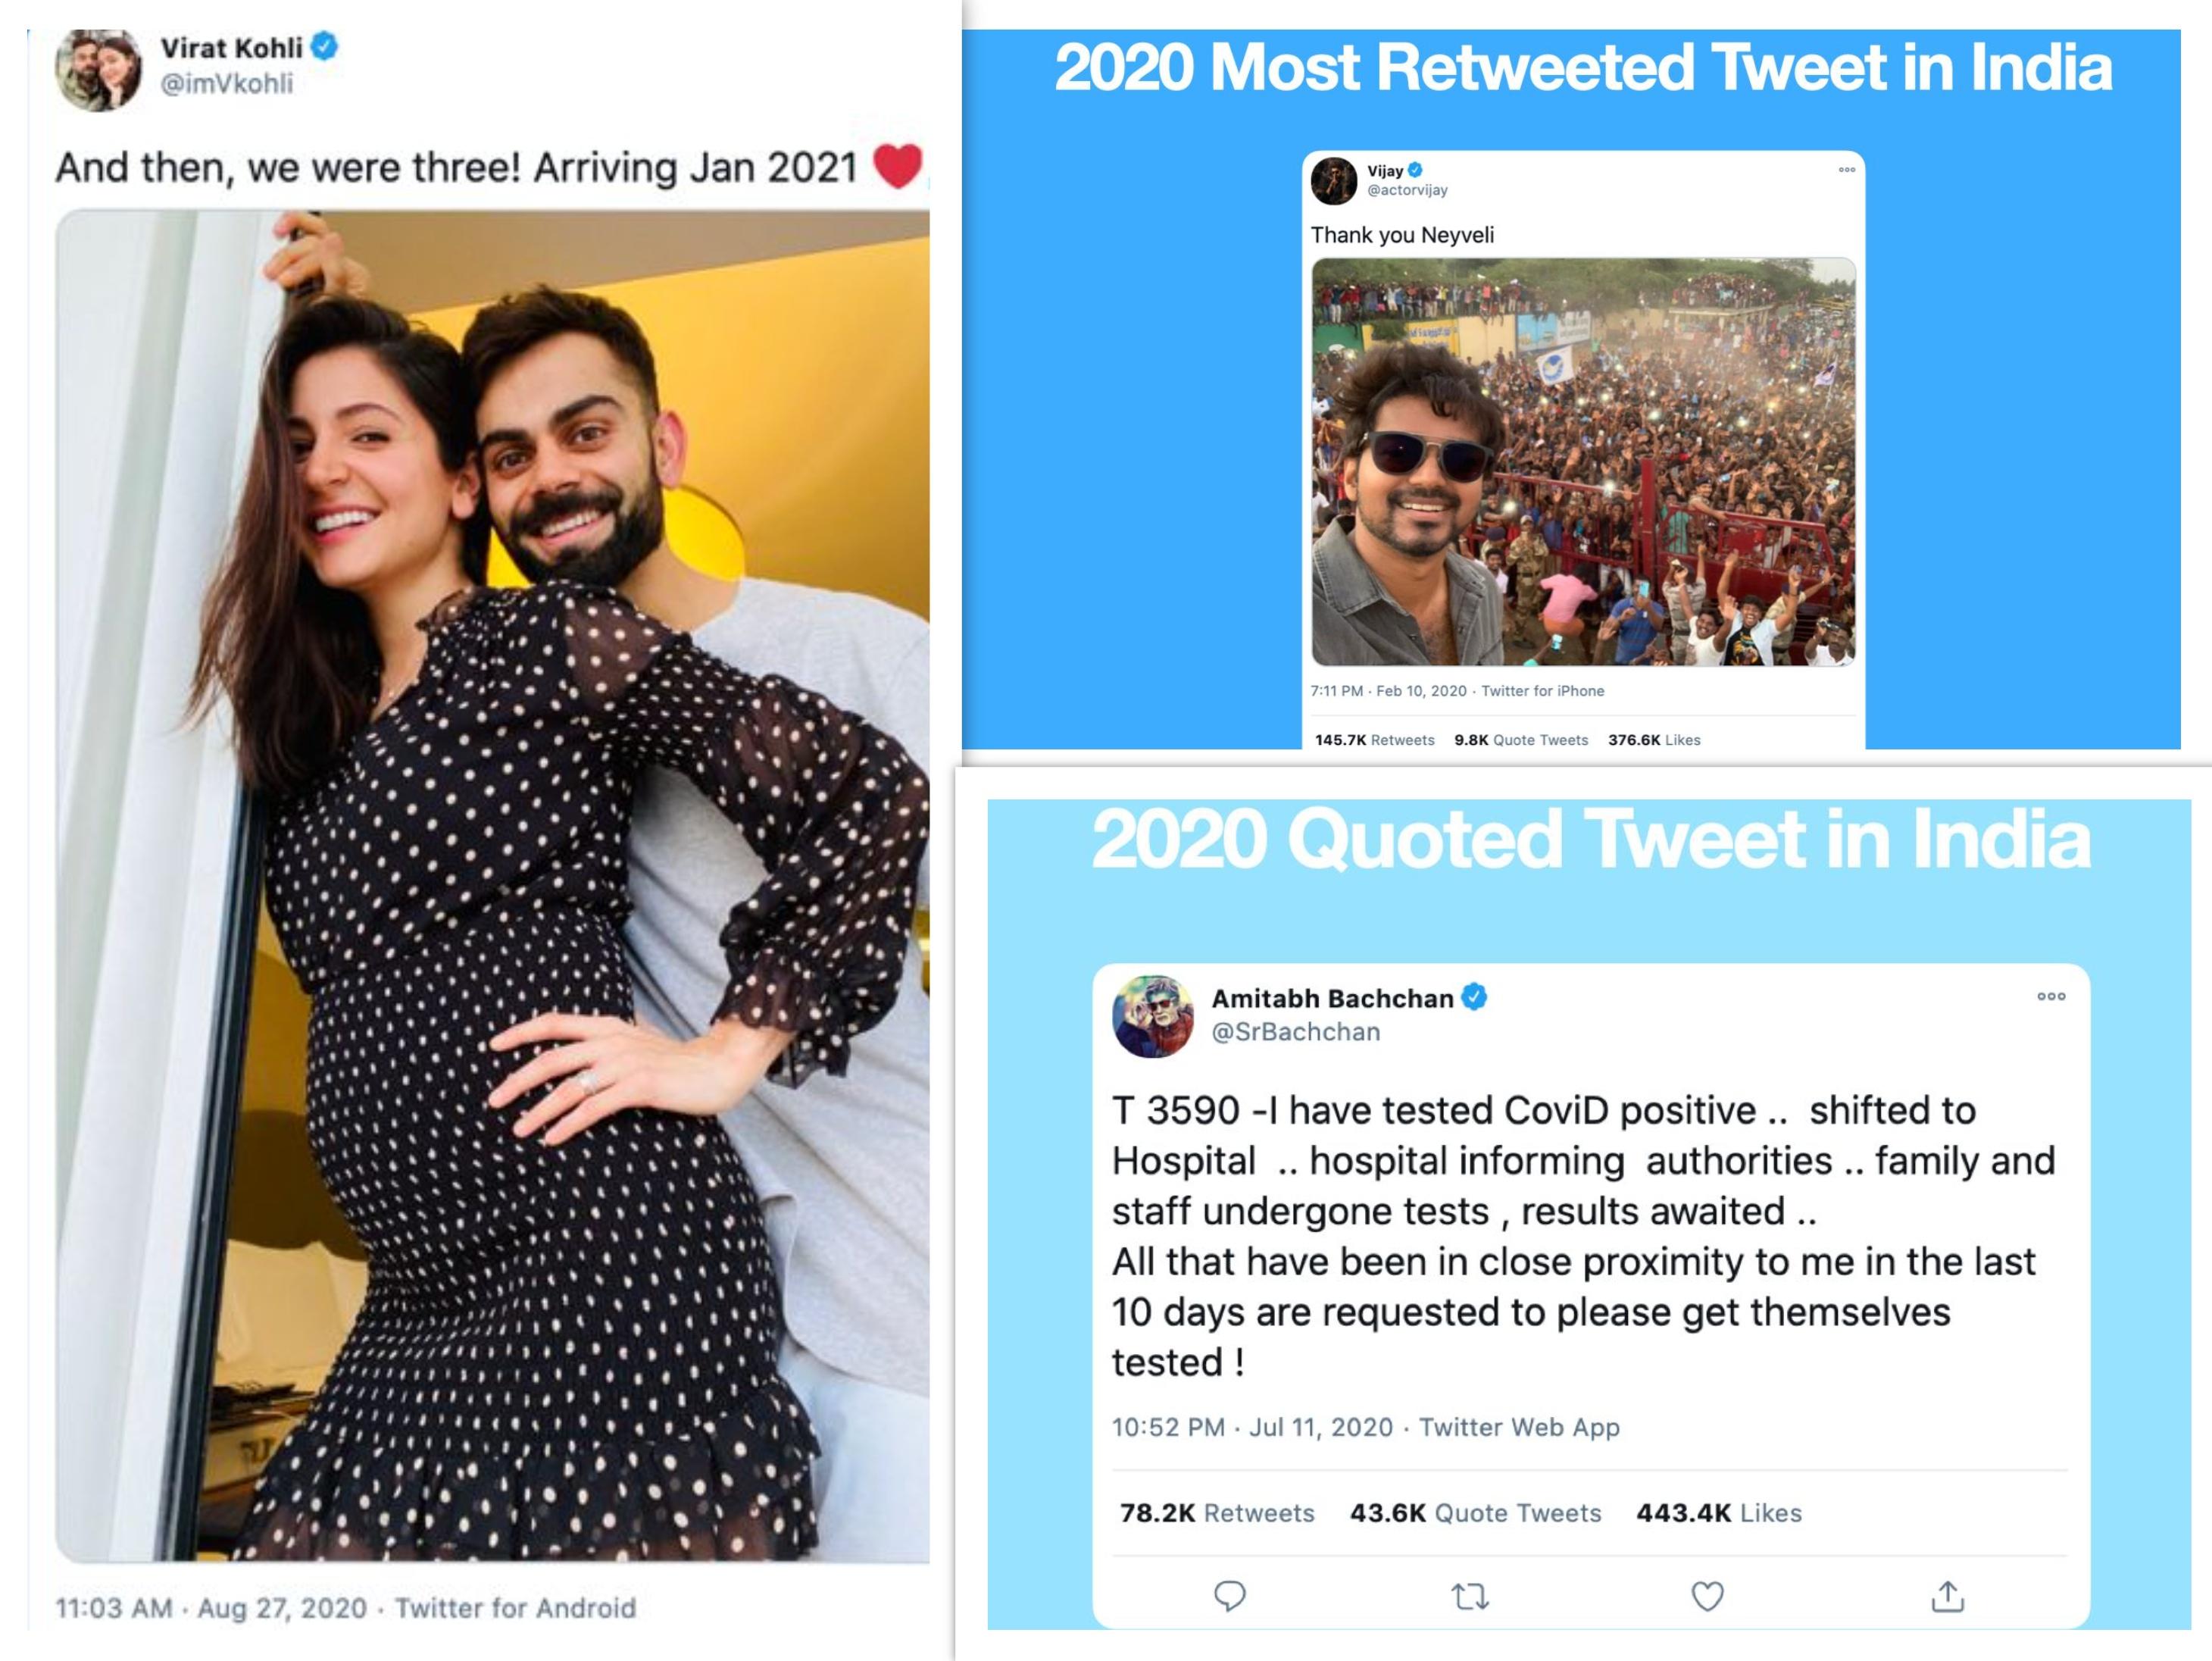 विराट-अनुष्का का प्रेग्नेंसी अनाउंसमेंट रहा 2020 का सबसे ज्यादा लाइक किया गया ट्वीट, सुशांत की आखिरी फिल्म भी लिस्ट में शामिल